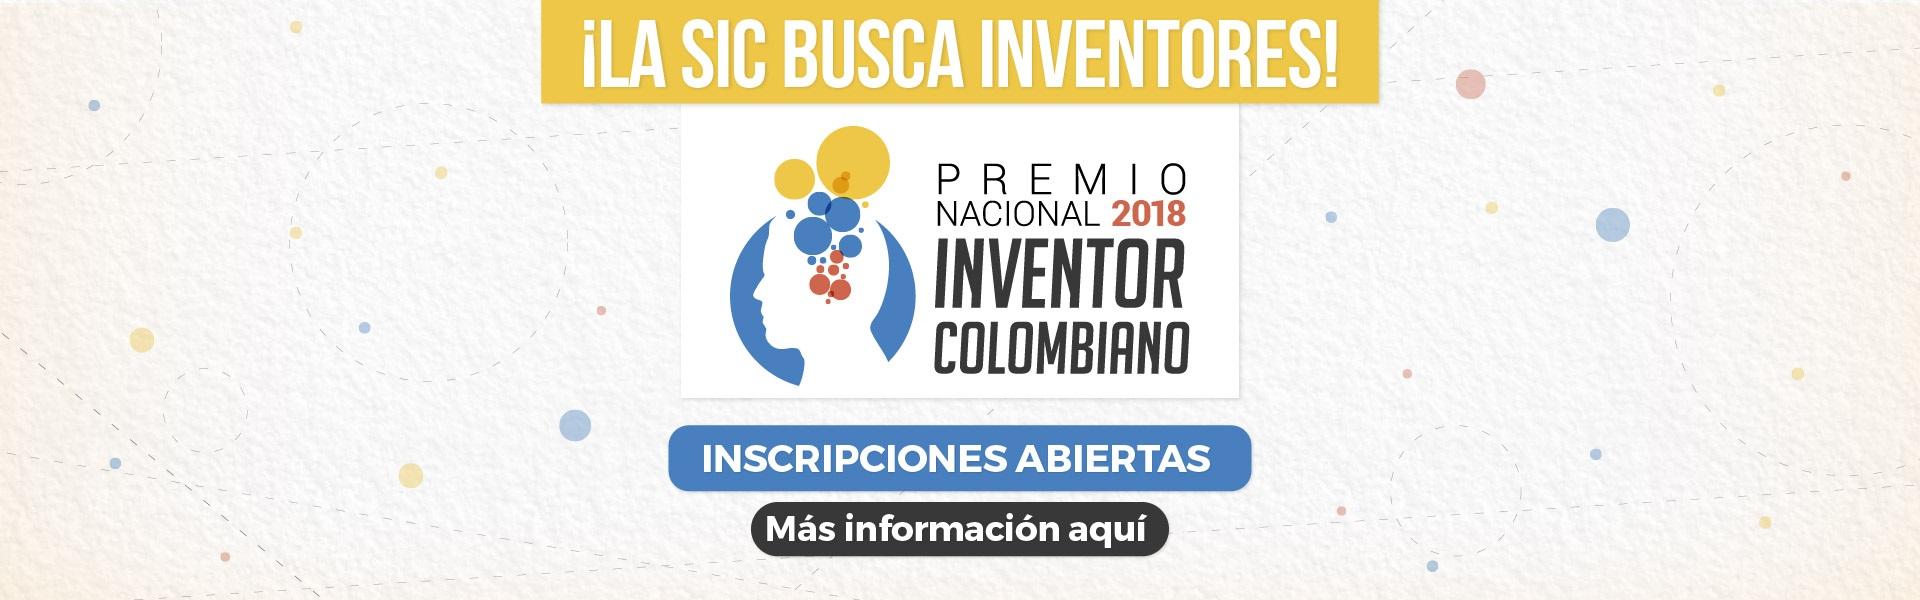 Premio Nacional al Inventor Colombiano 2018